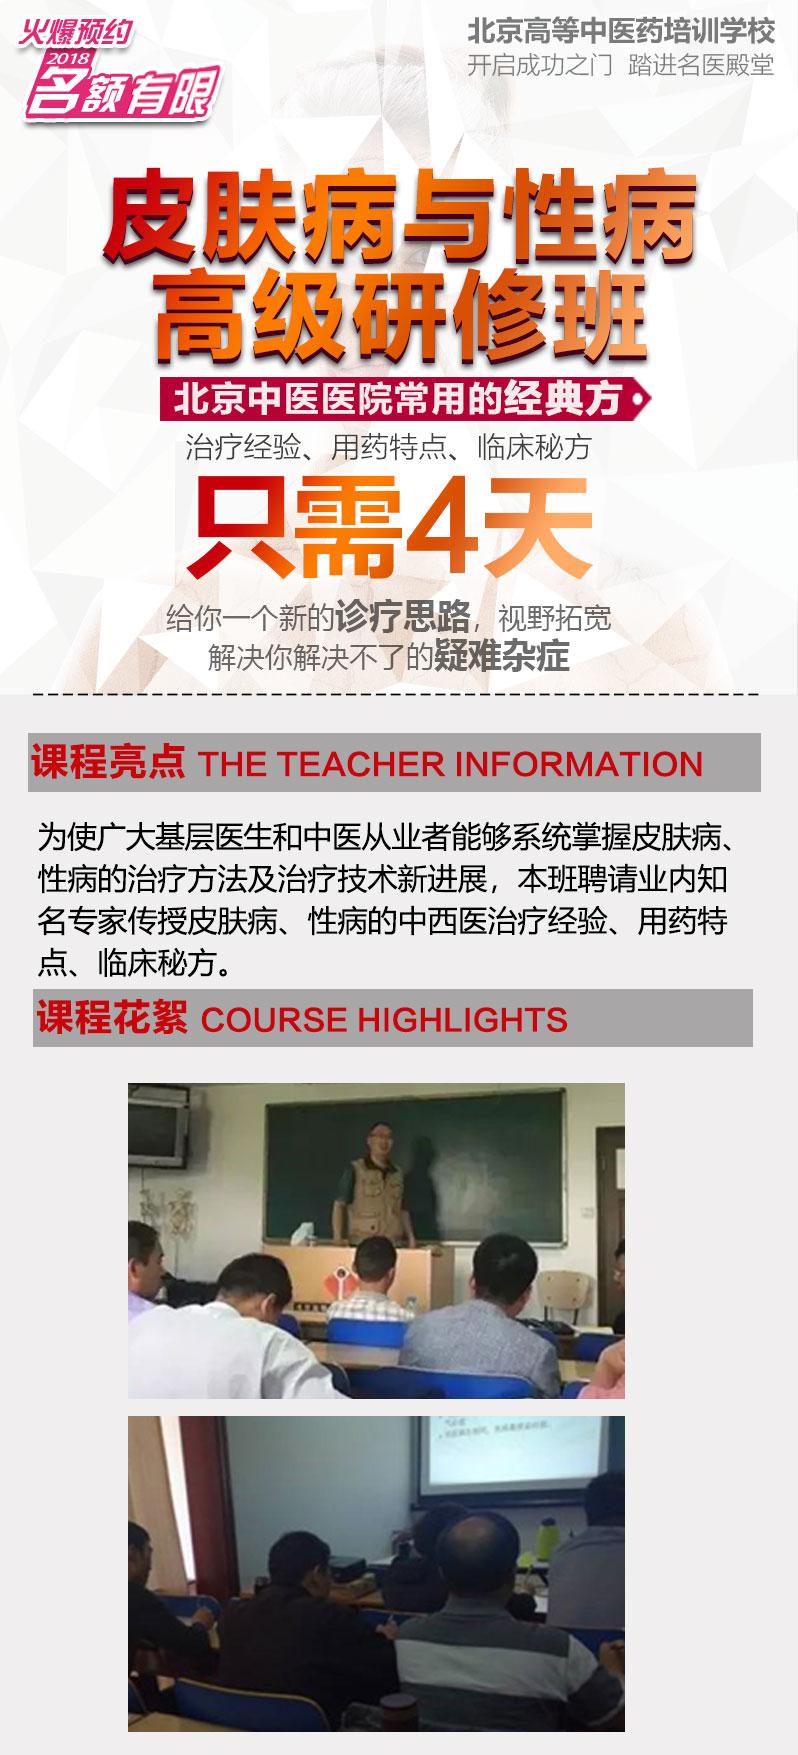 2018-5-14全部课程皮肤病与性病高级进修班简介.jpg